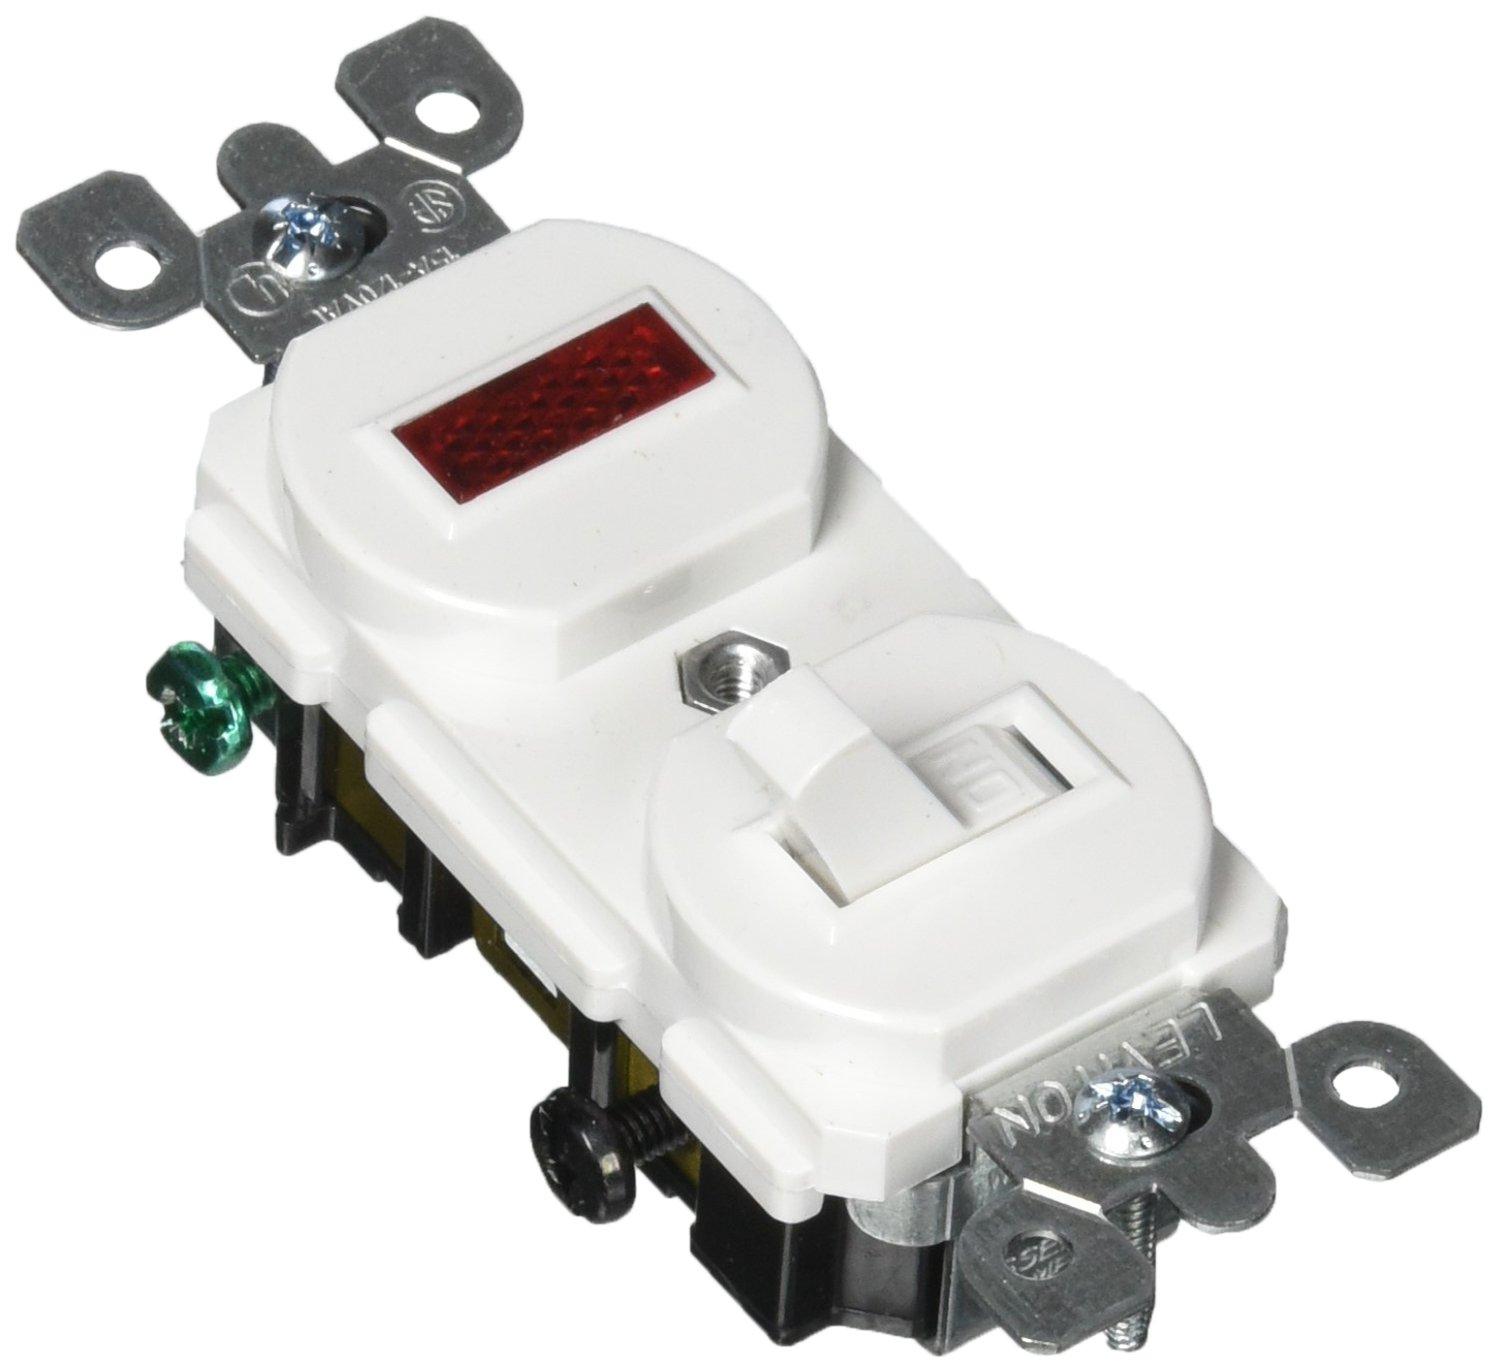 leviton 5226 w 15 amp, 120 volt, duplex style single pole, neon pilot ac combination switch, commercial grade, white switch with light 5226 combination switch